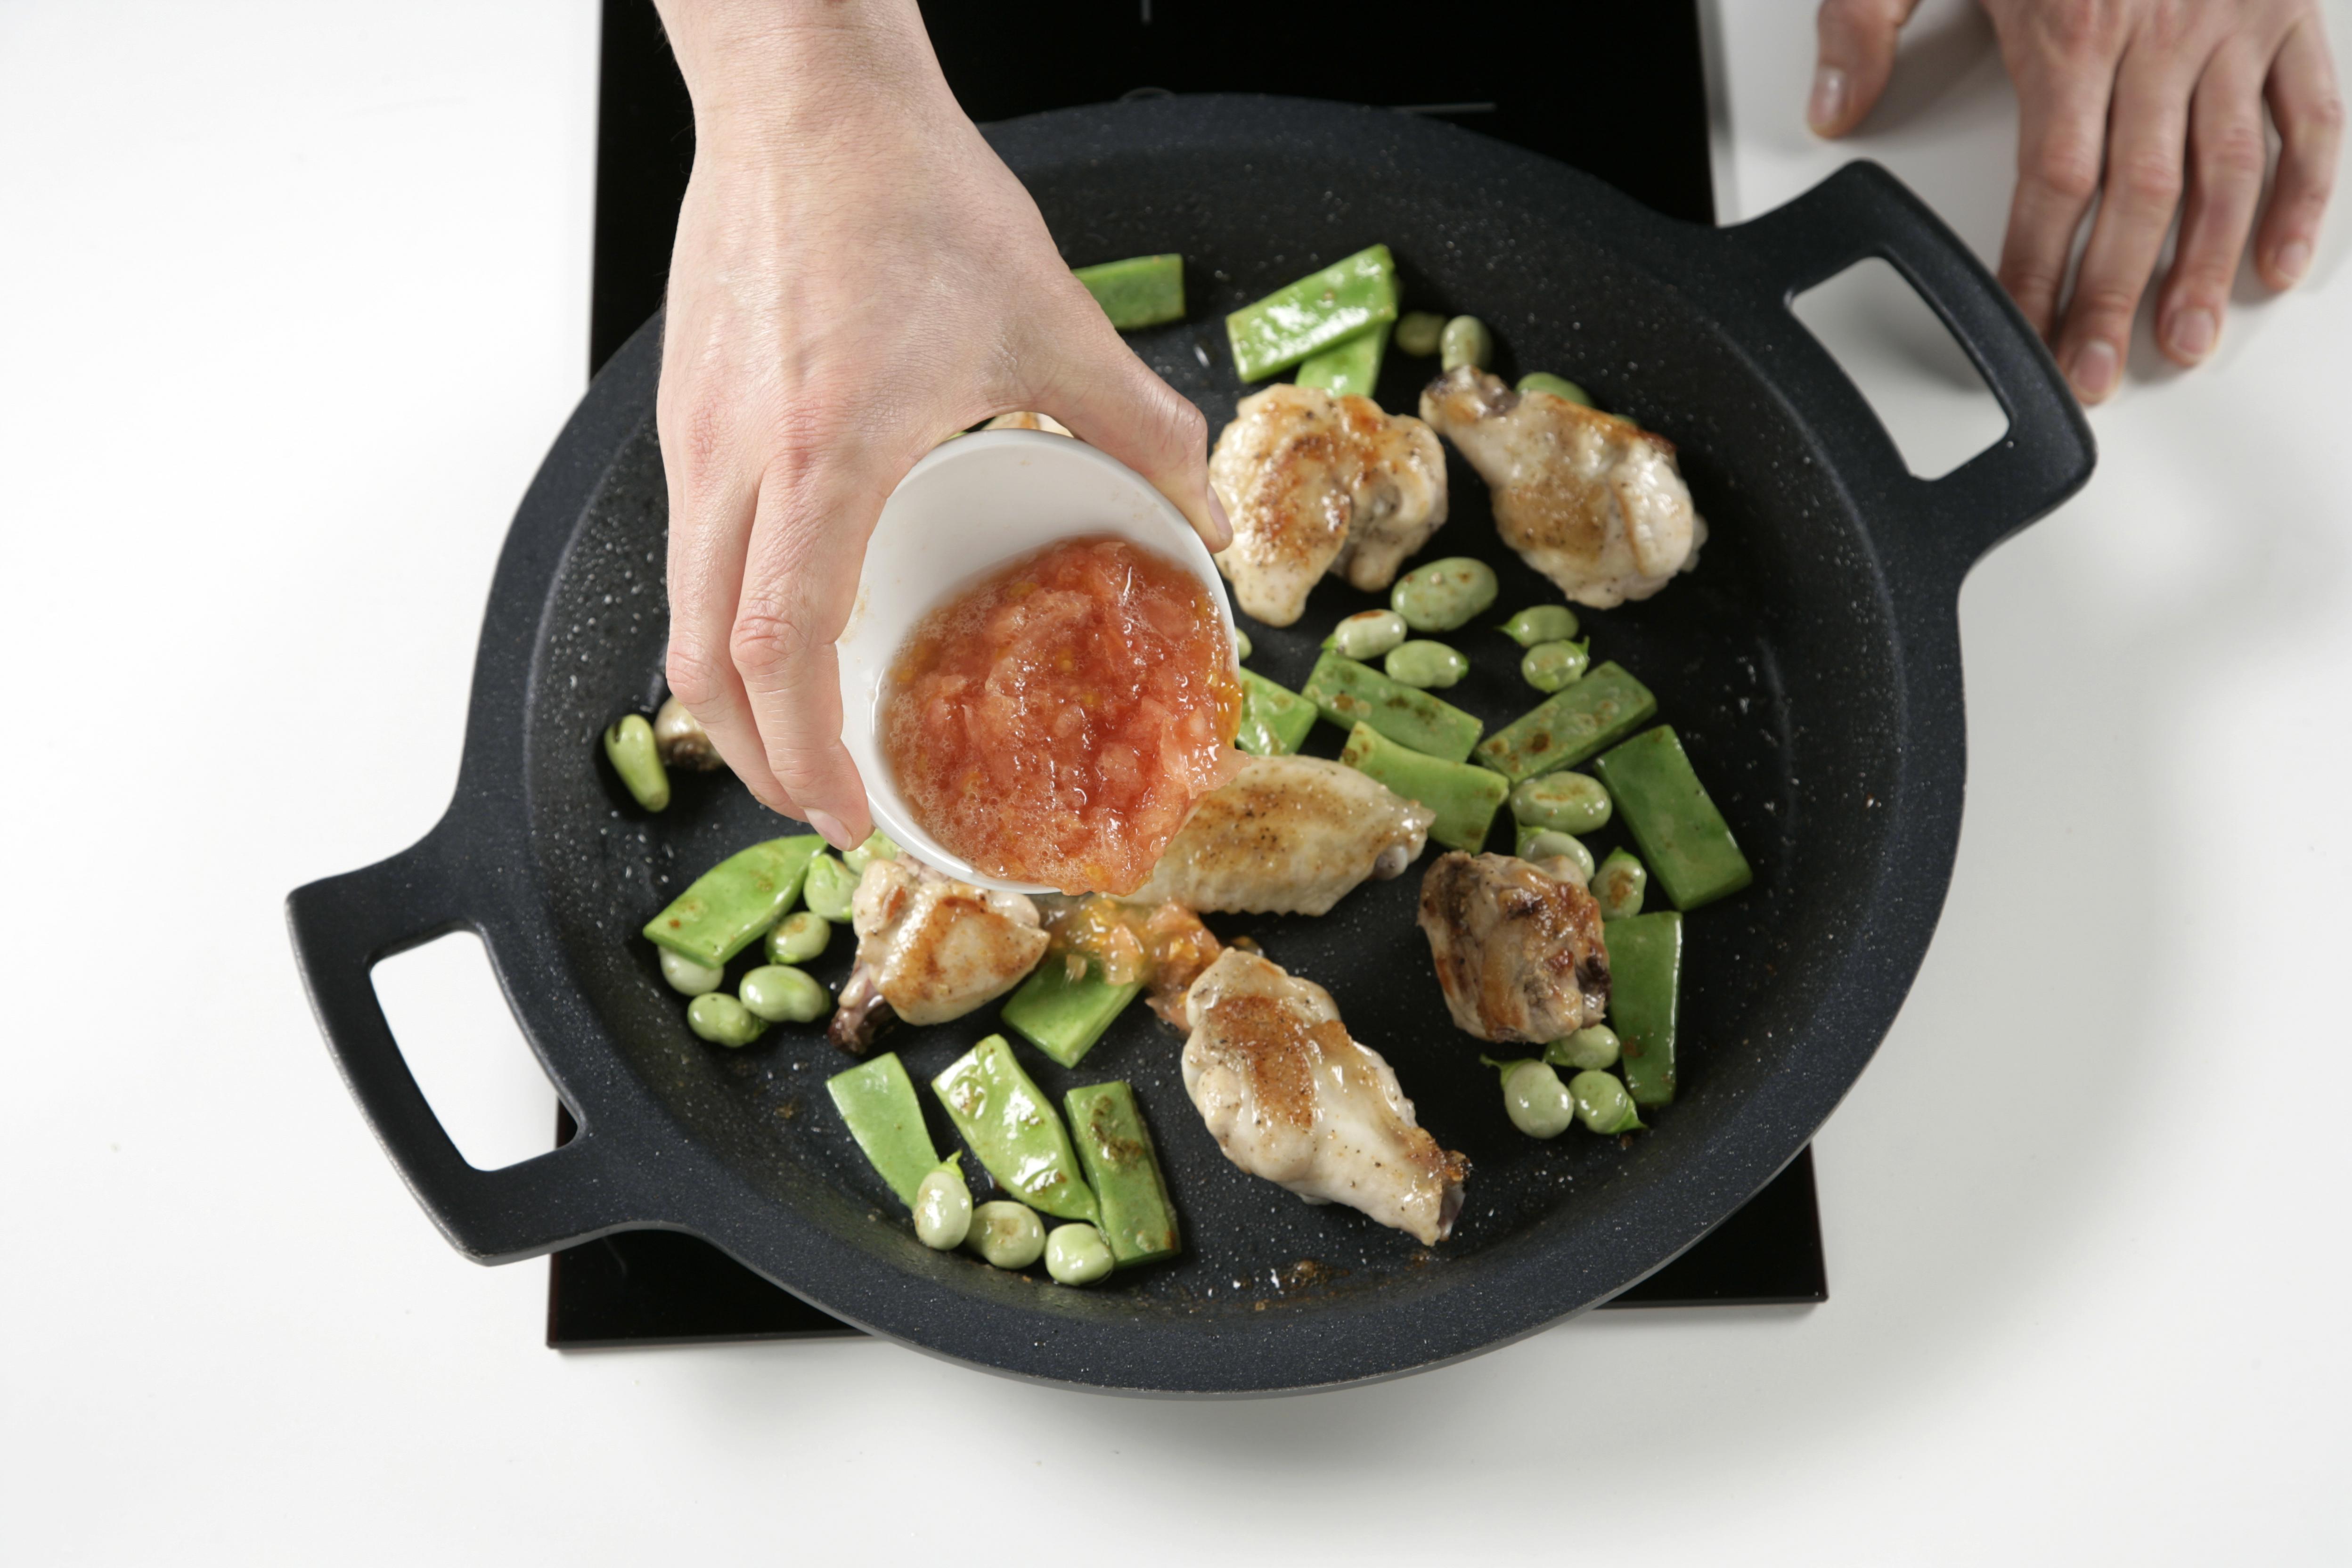 Agregamos el tomate rallado y freímos el conjunto. Espolvorearemos con pimentón.